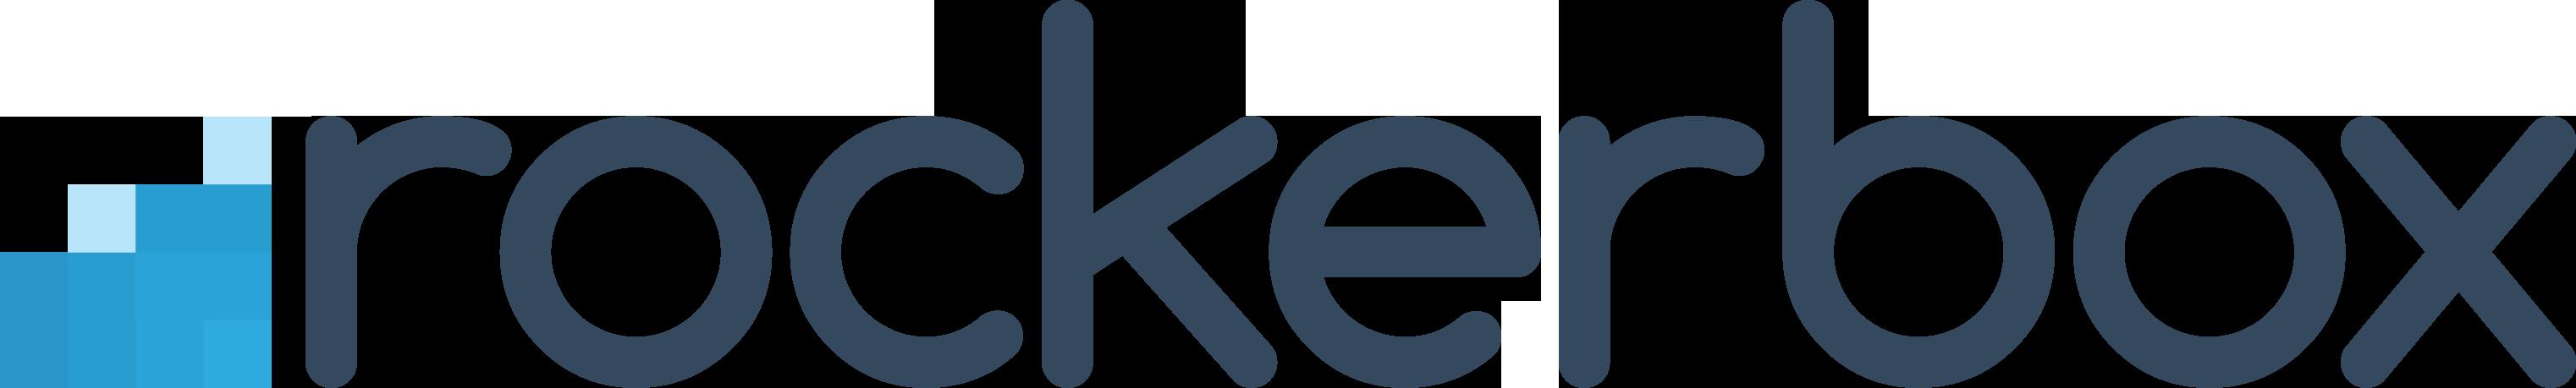 Rockerbox company logo